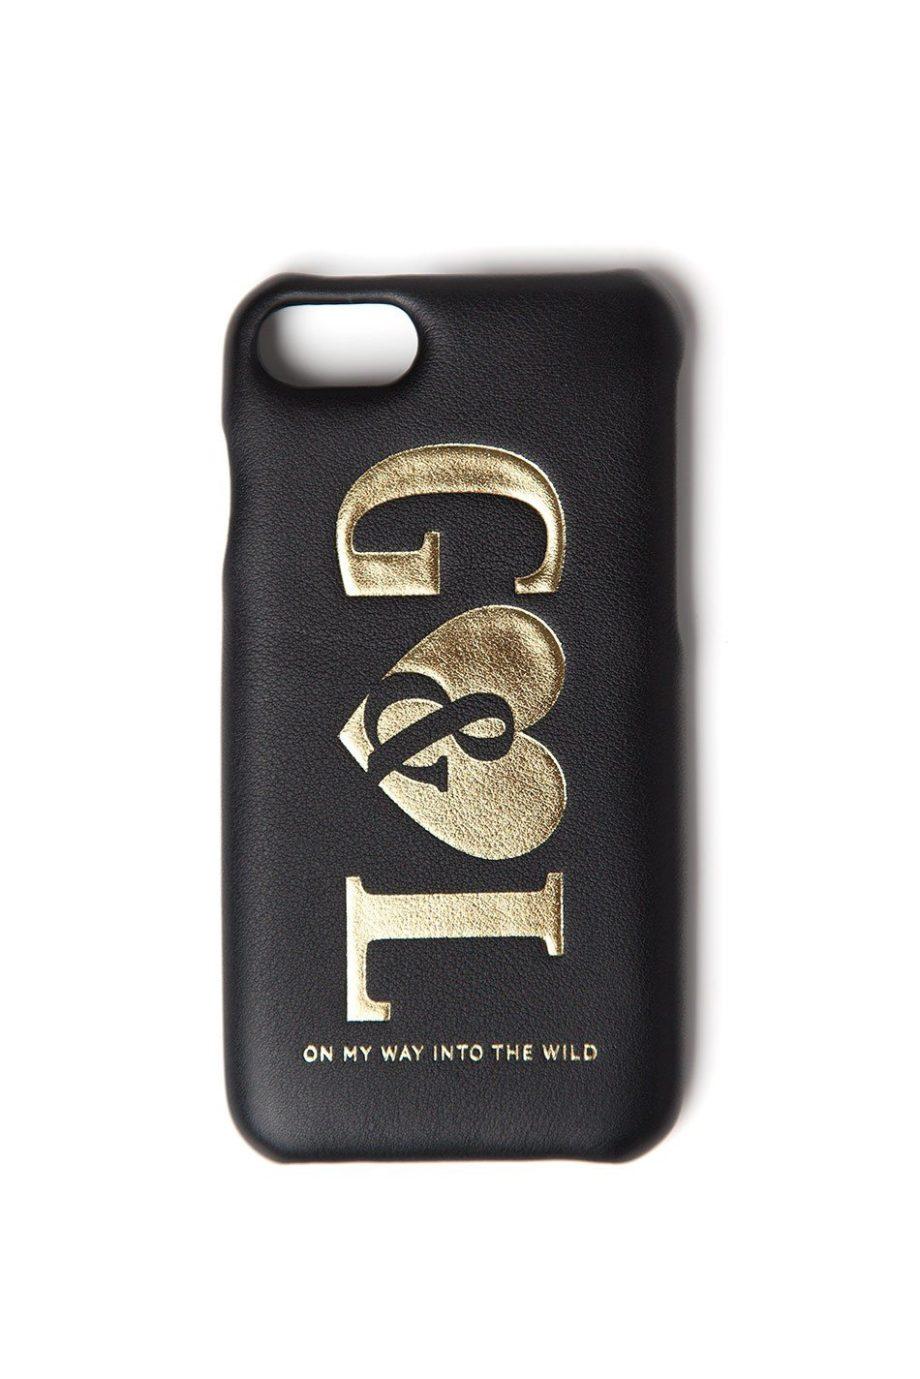 G&L Case iPhone 6/7/8 BLACK